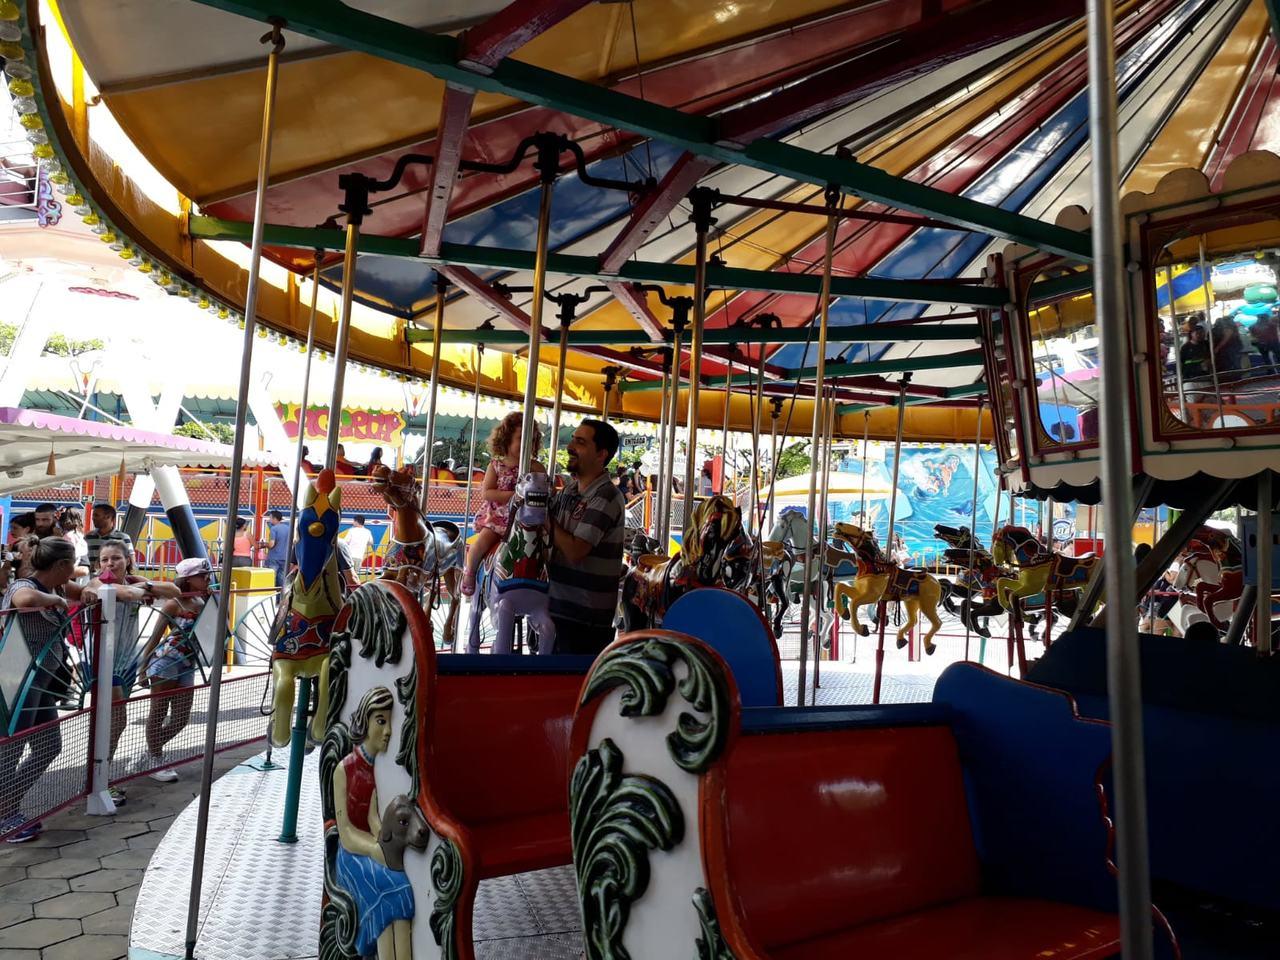 Parque Guanabara - tradição divertida em Belo Horizonte